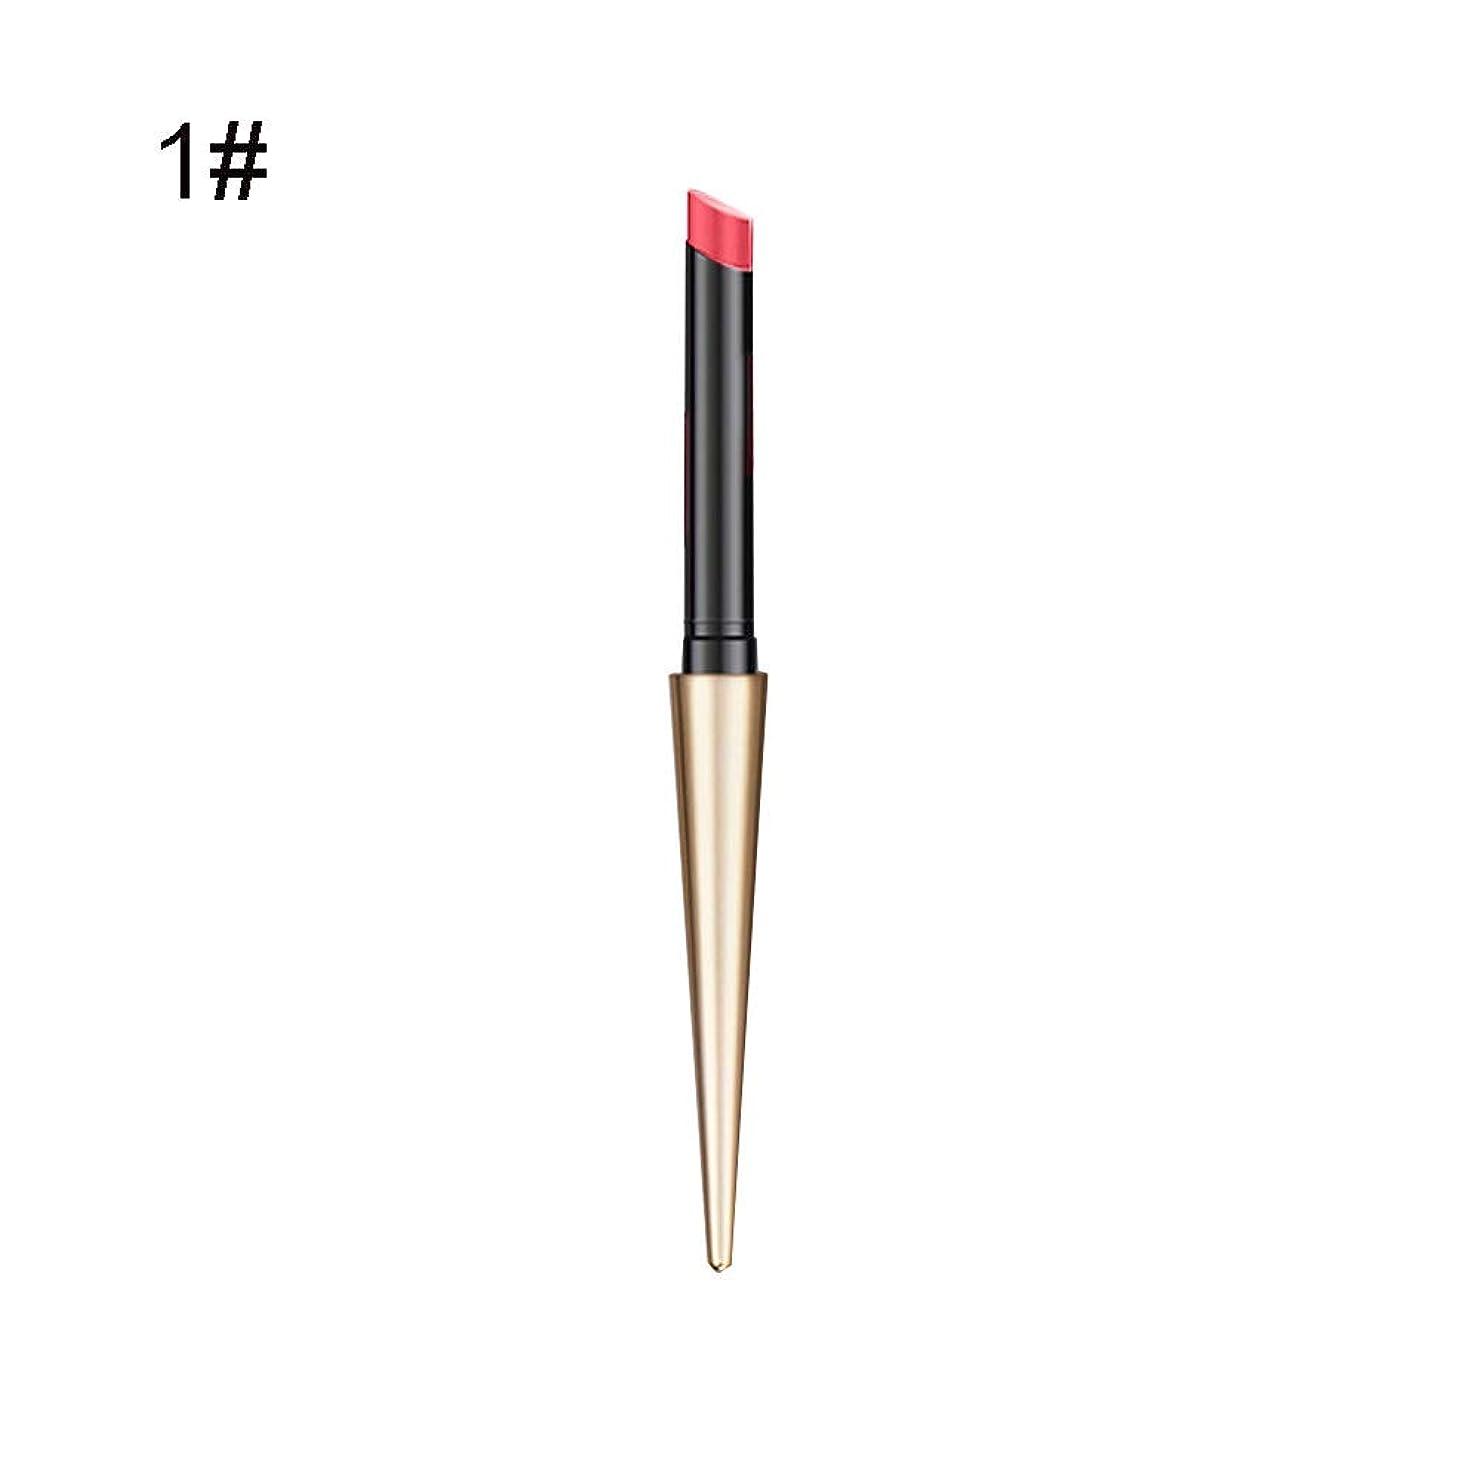 同化する急襲参照するリップスティック 10色 マット 筆 ボールヘッド リップグレーズ 防水 耐久性 リップバーム 化粧 チューブ 口紅 真新しい グラデーションリップ 一筆書きで高輝度色で美しい唇を彩りルージュhuajuan (A)